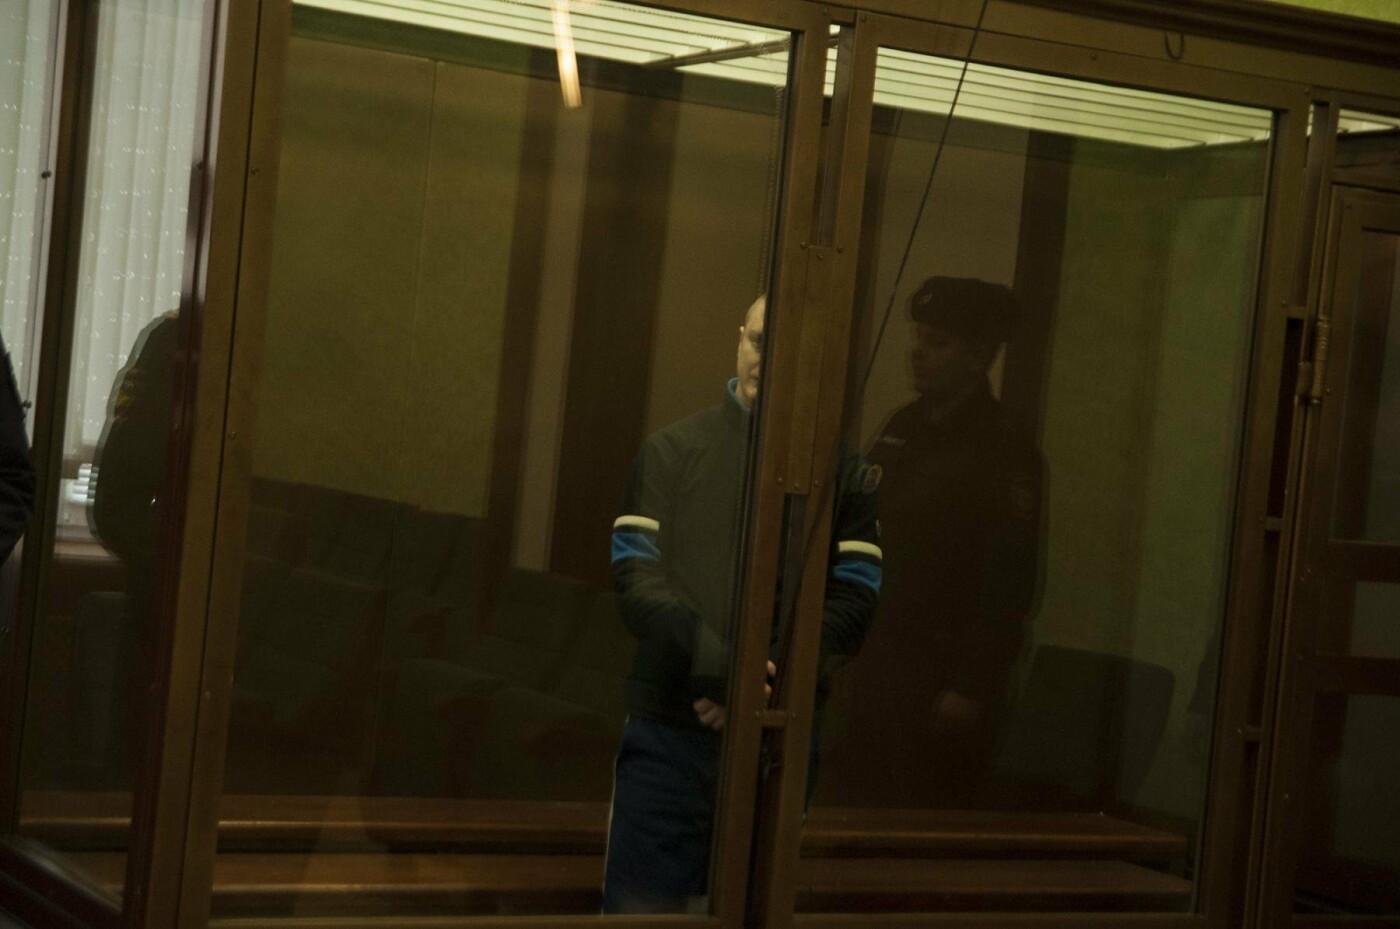 «Нашли убийцу, но не нашли дочерей». Матери пропавших девушек ждали объявления пожизненного срока Михаилу Саплинову, фото-3